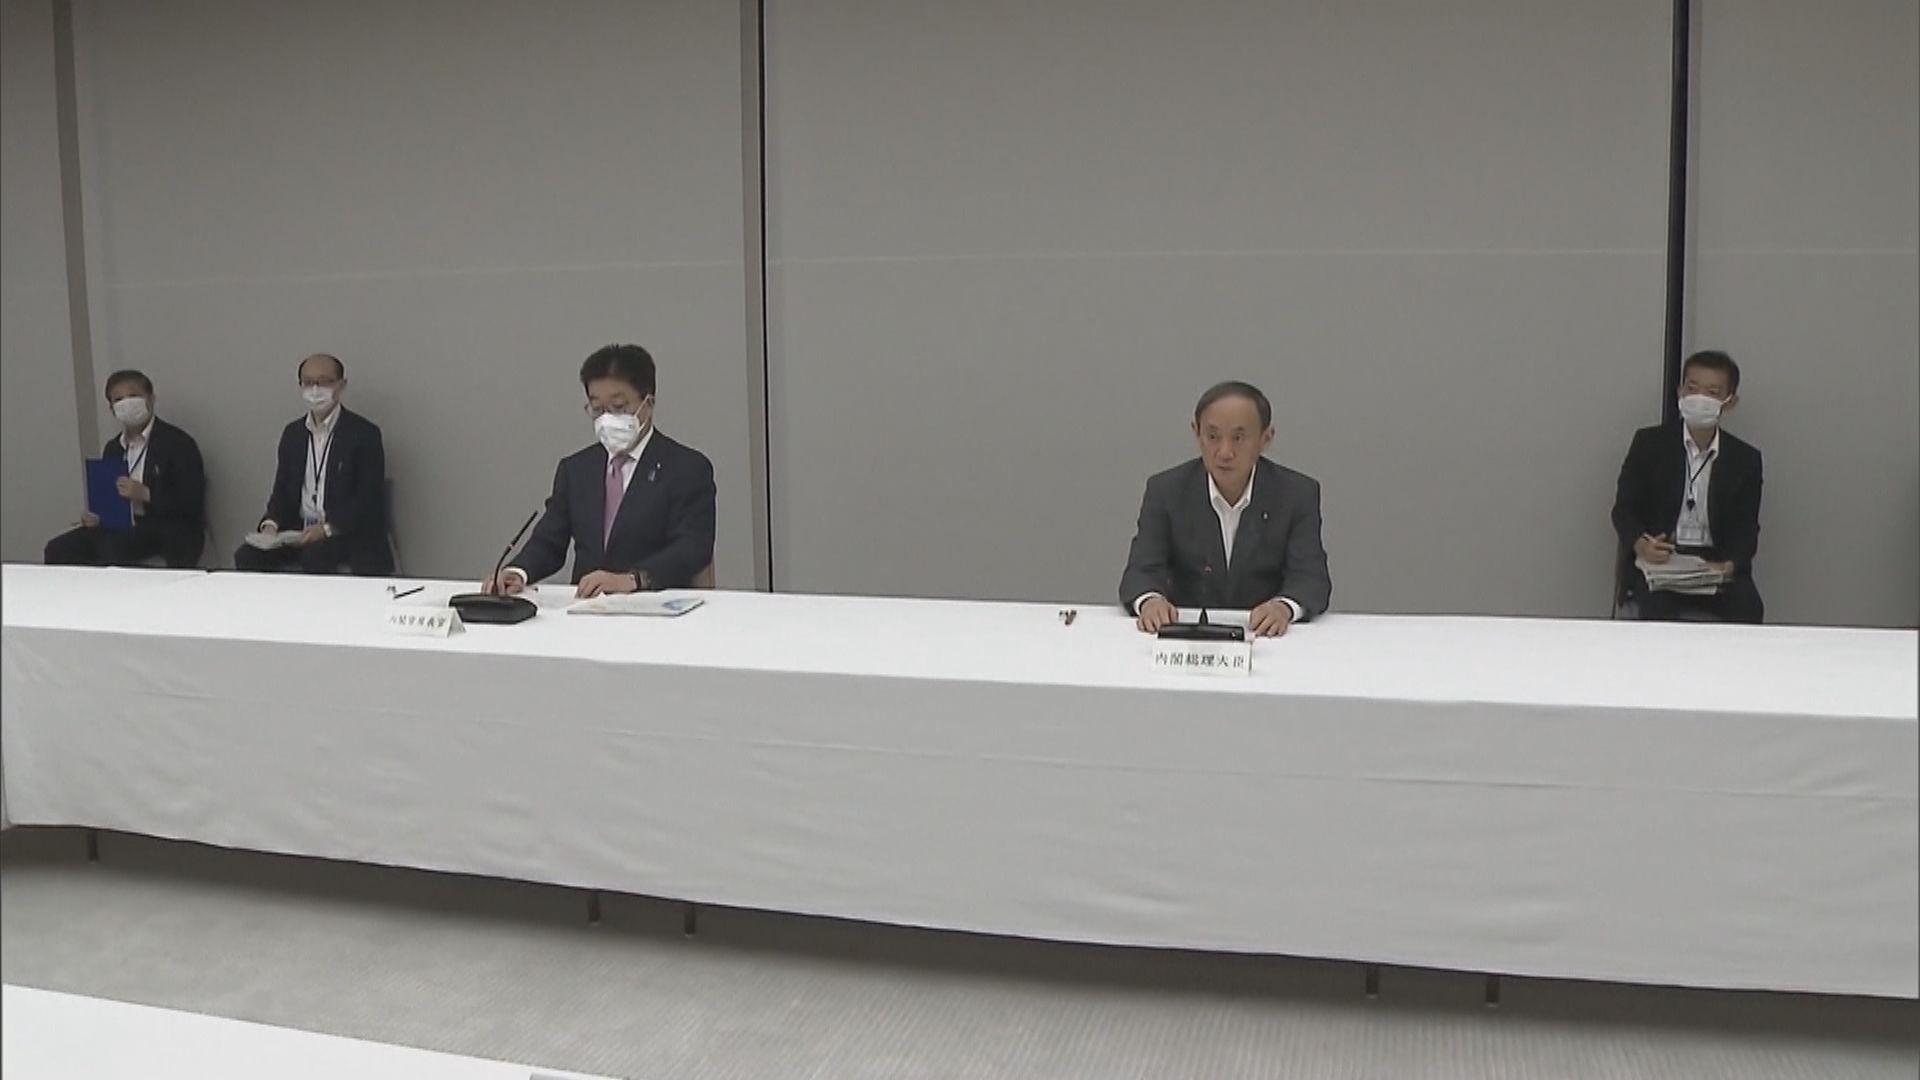 日揆決定向北海道等八個道縣發布緊急事態宣言